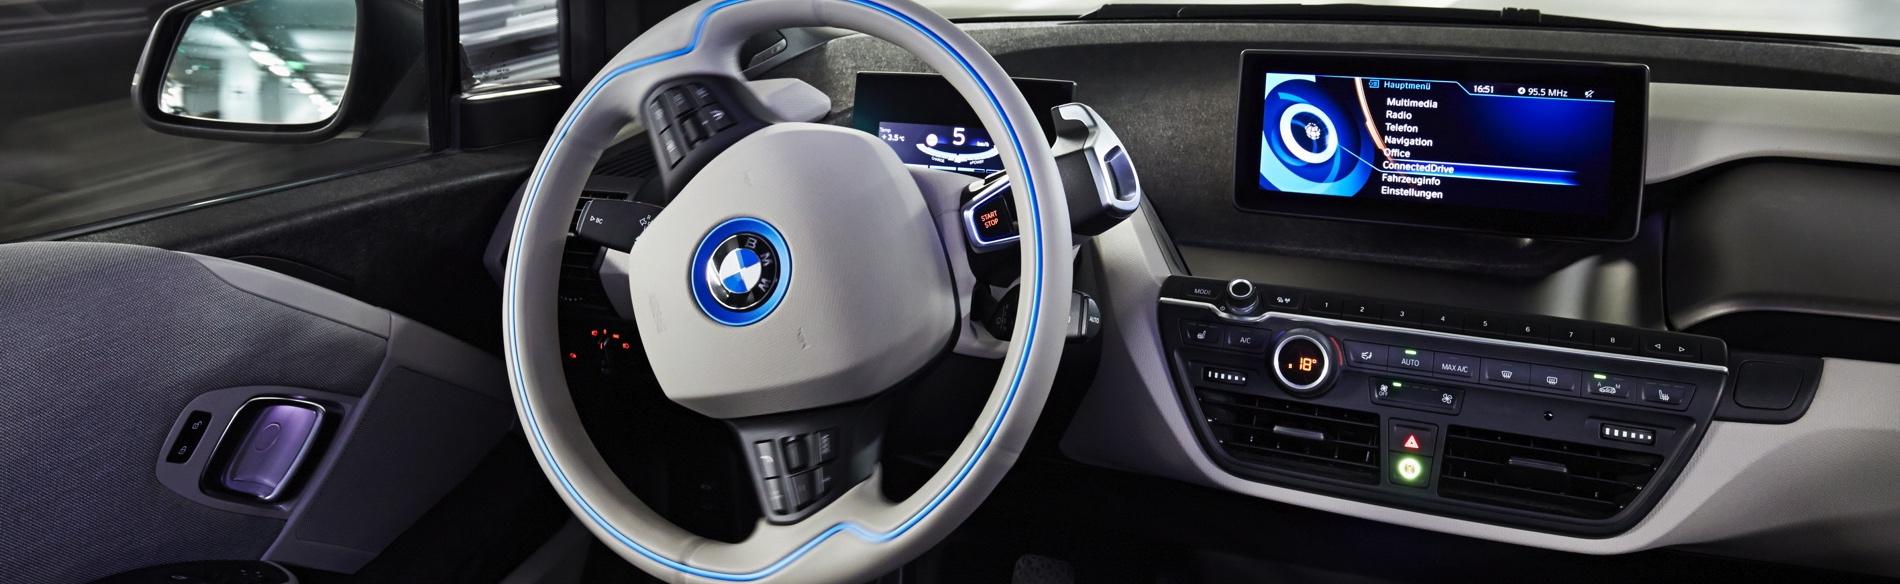 Fiat si unisce a BMW, Mobileye e Intel per le auto a guida autonoma